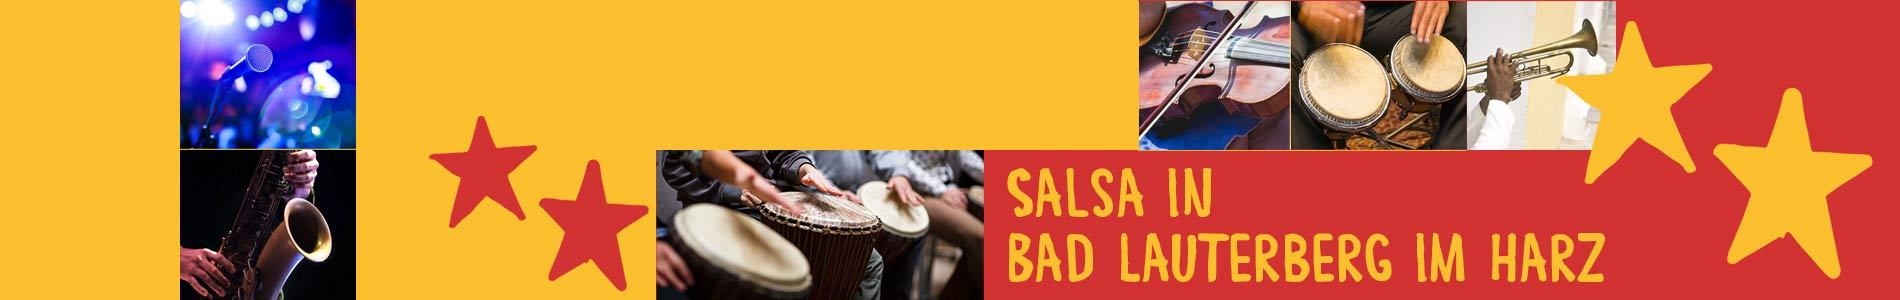 Salsa in Bad Lauterberg im Harz – Salsa lernen und tanzen, Tanzkurse, Partys, Veranstaltungen